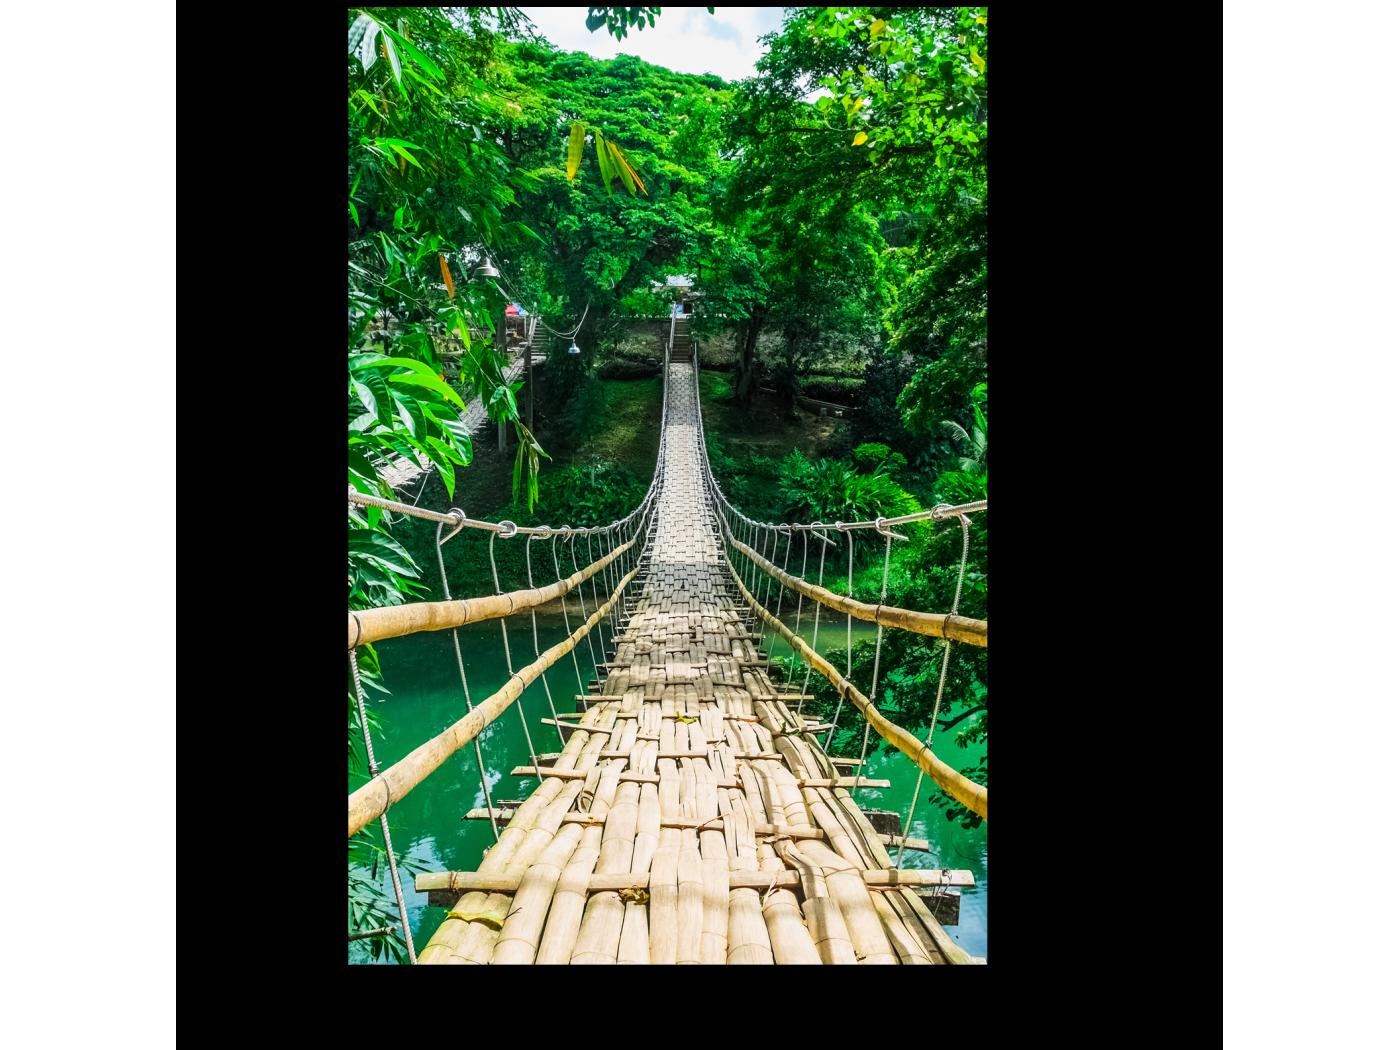 постер подвесной канатный мост хофф дружно